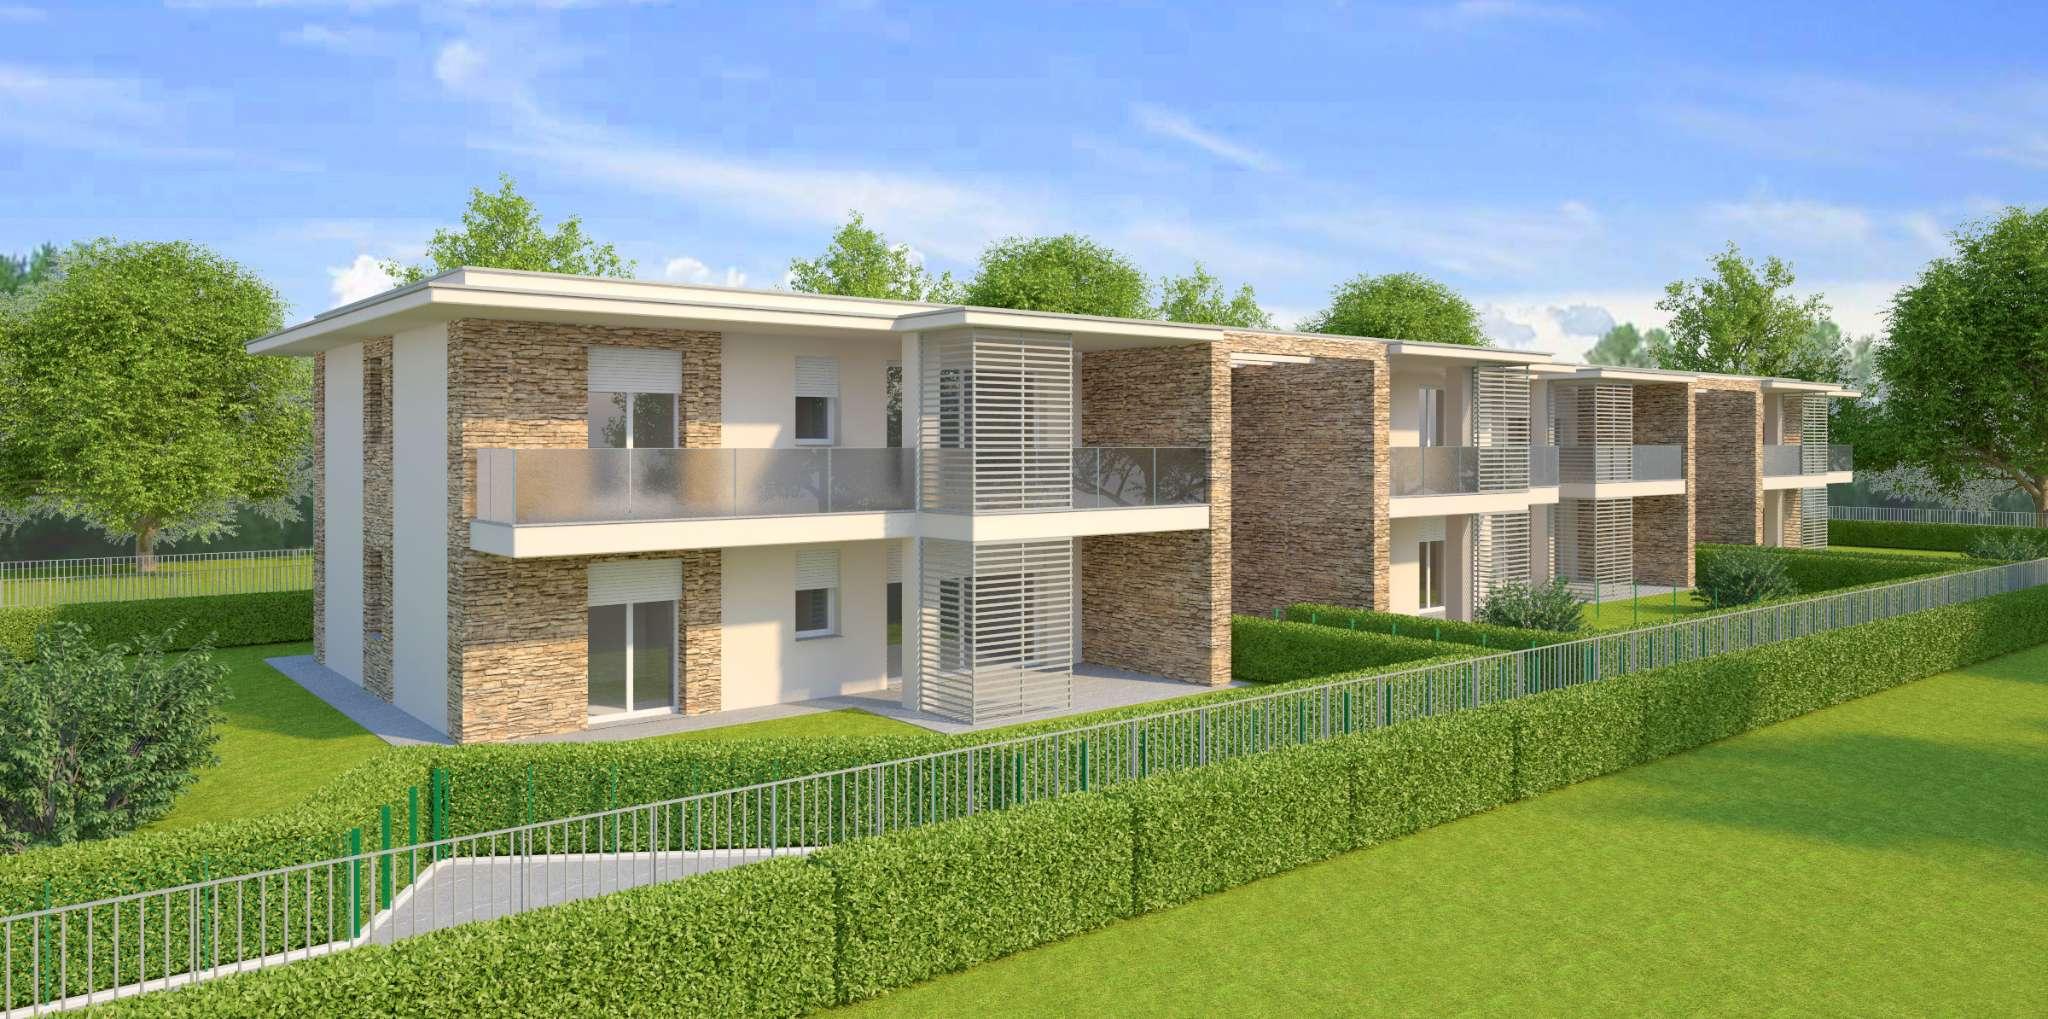 Appartamento in vendita a Arcore, 3 locali, prezzo € 295.000 | PortaleAgenzieImmobiliari.it